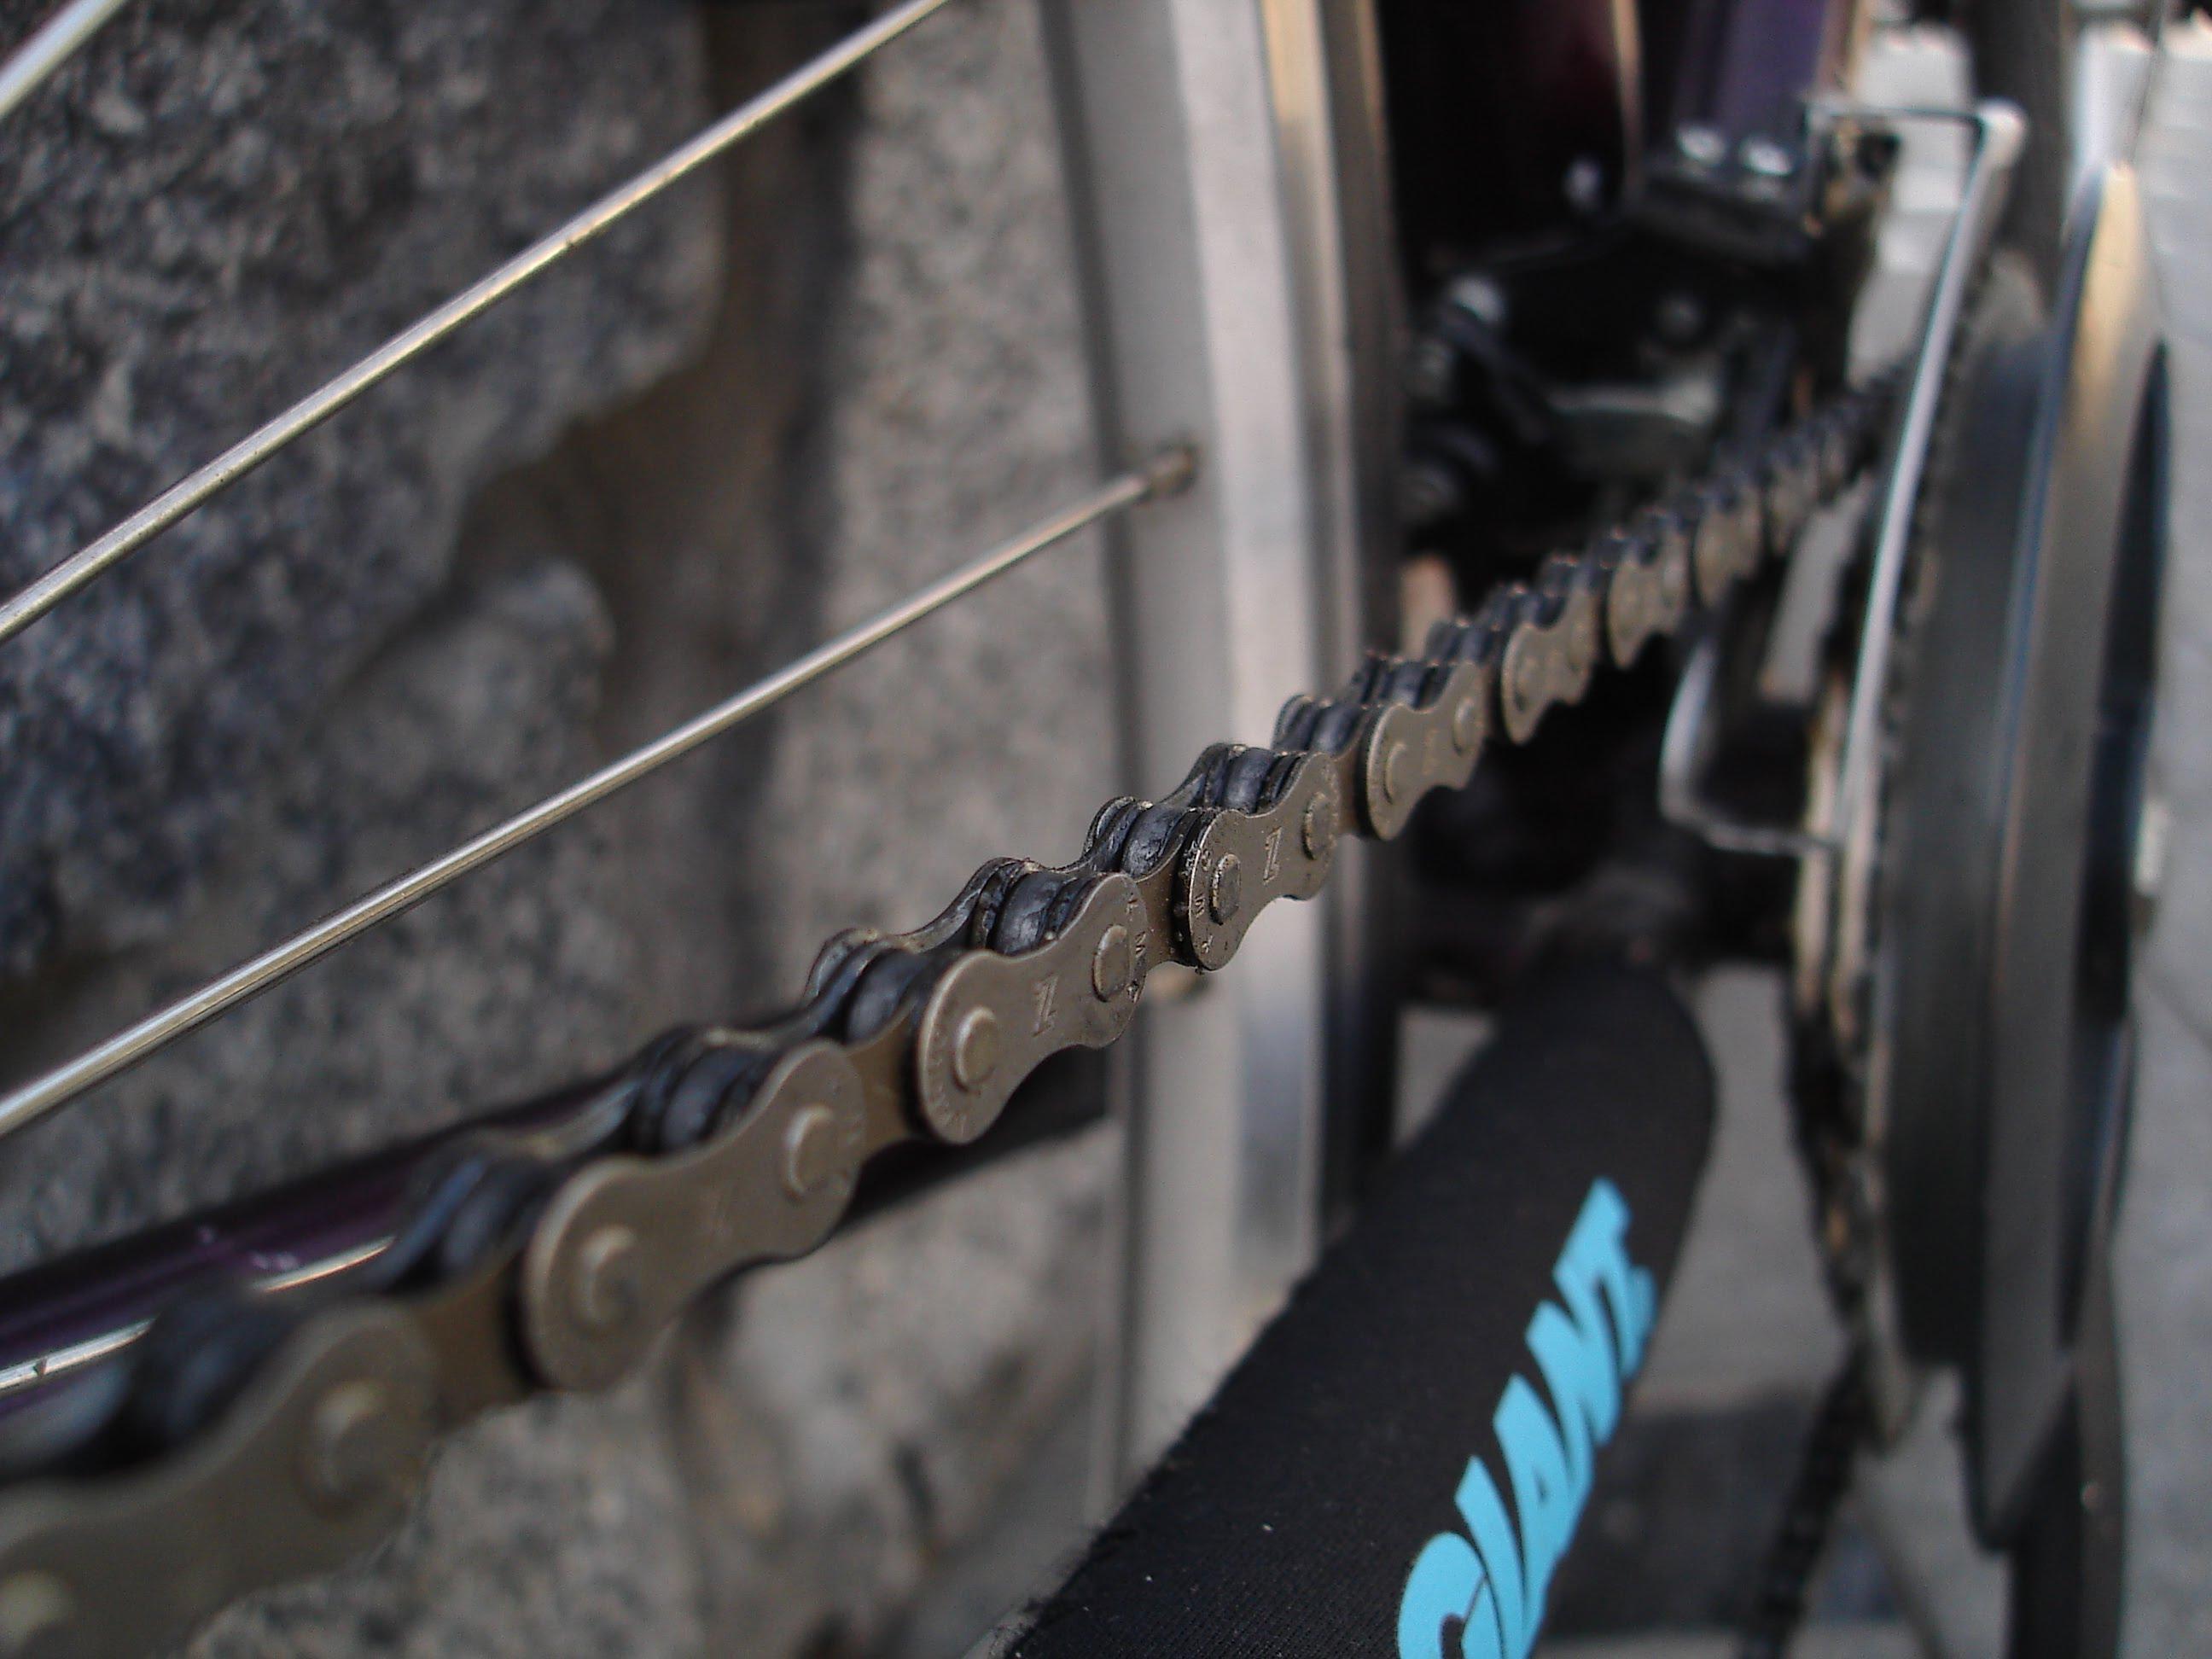 Смазка цепи на велосипеде